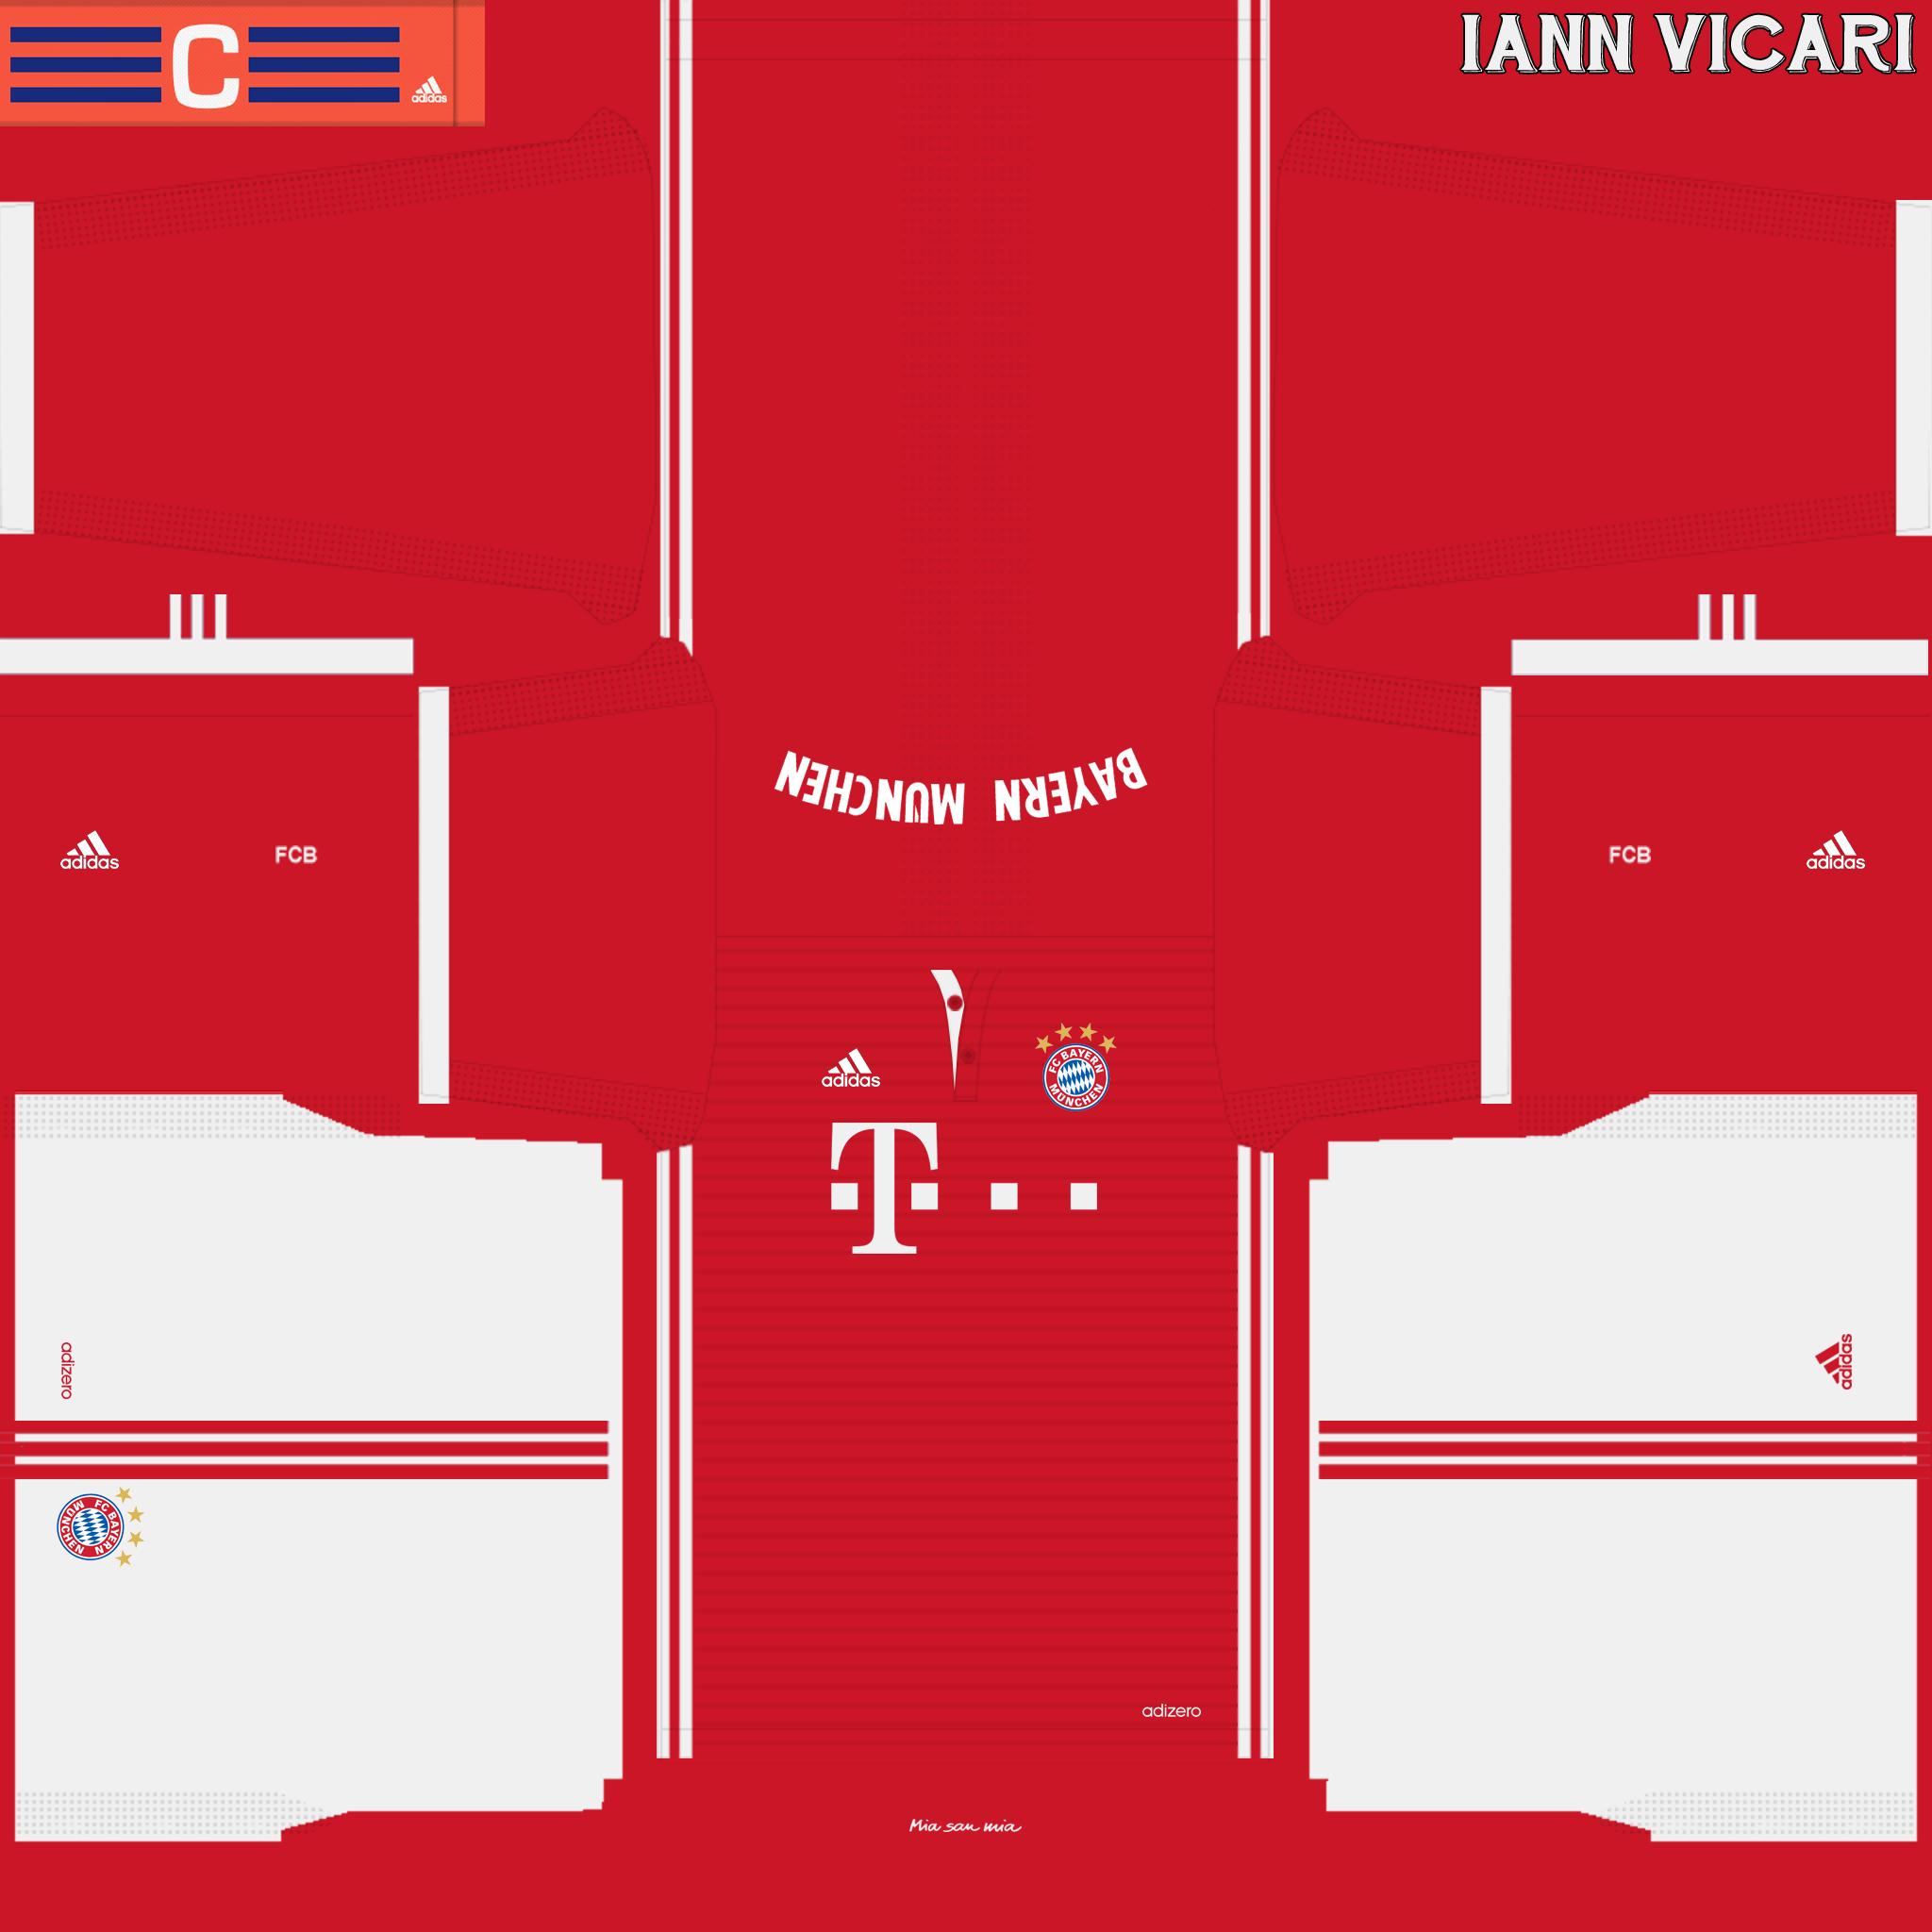 KITS] Pes 2017 PS4 Kits by Vicari's [Archive] - PESGaming Forums